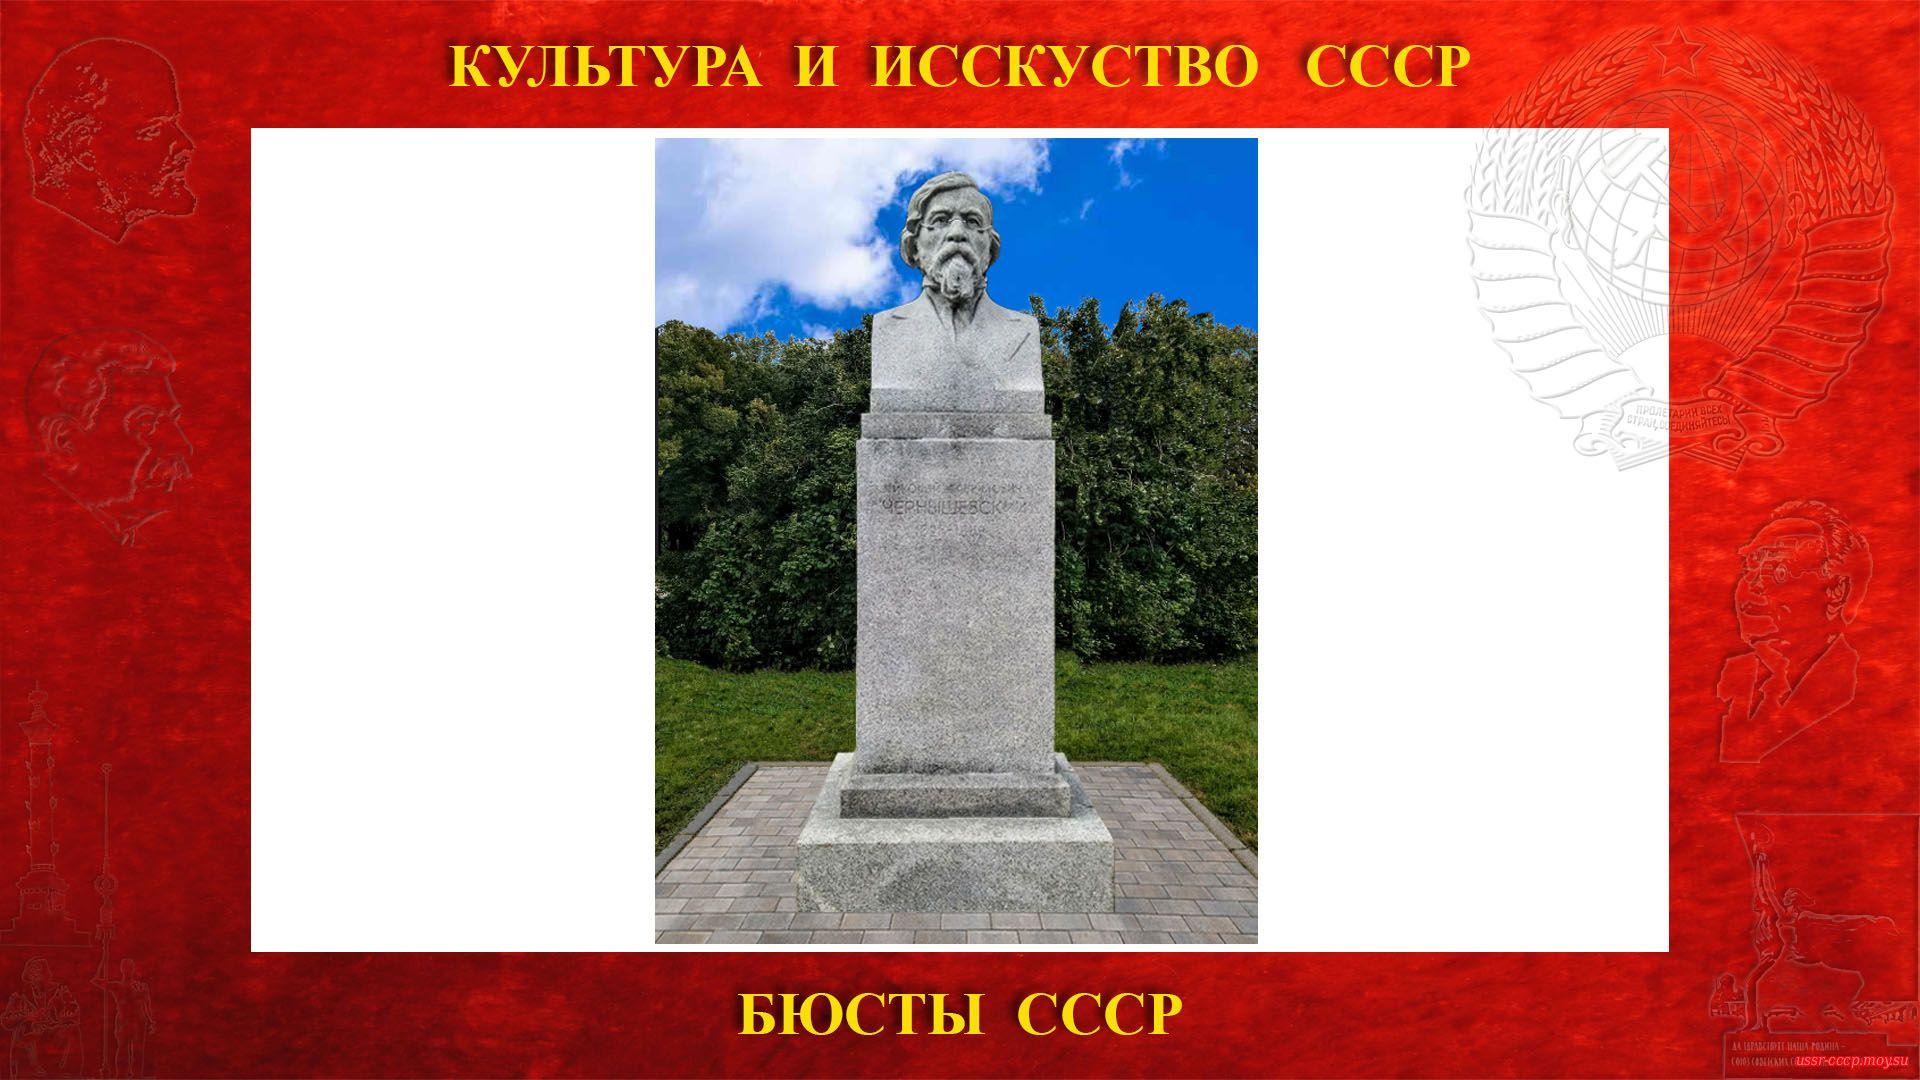 Бюст Чернышевскому Н. Г. на Ленинских горах (Москва 1953) (повествование)